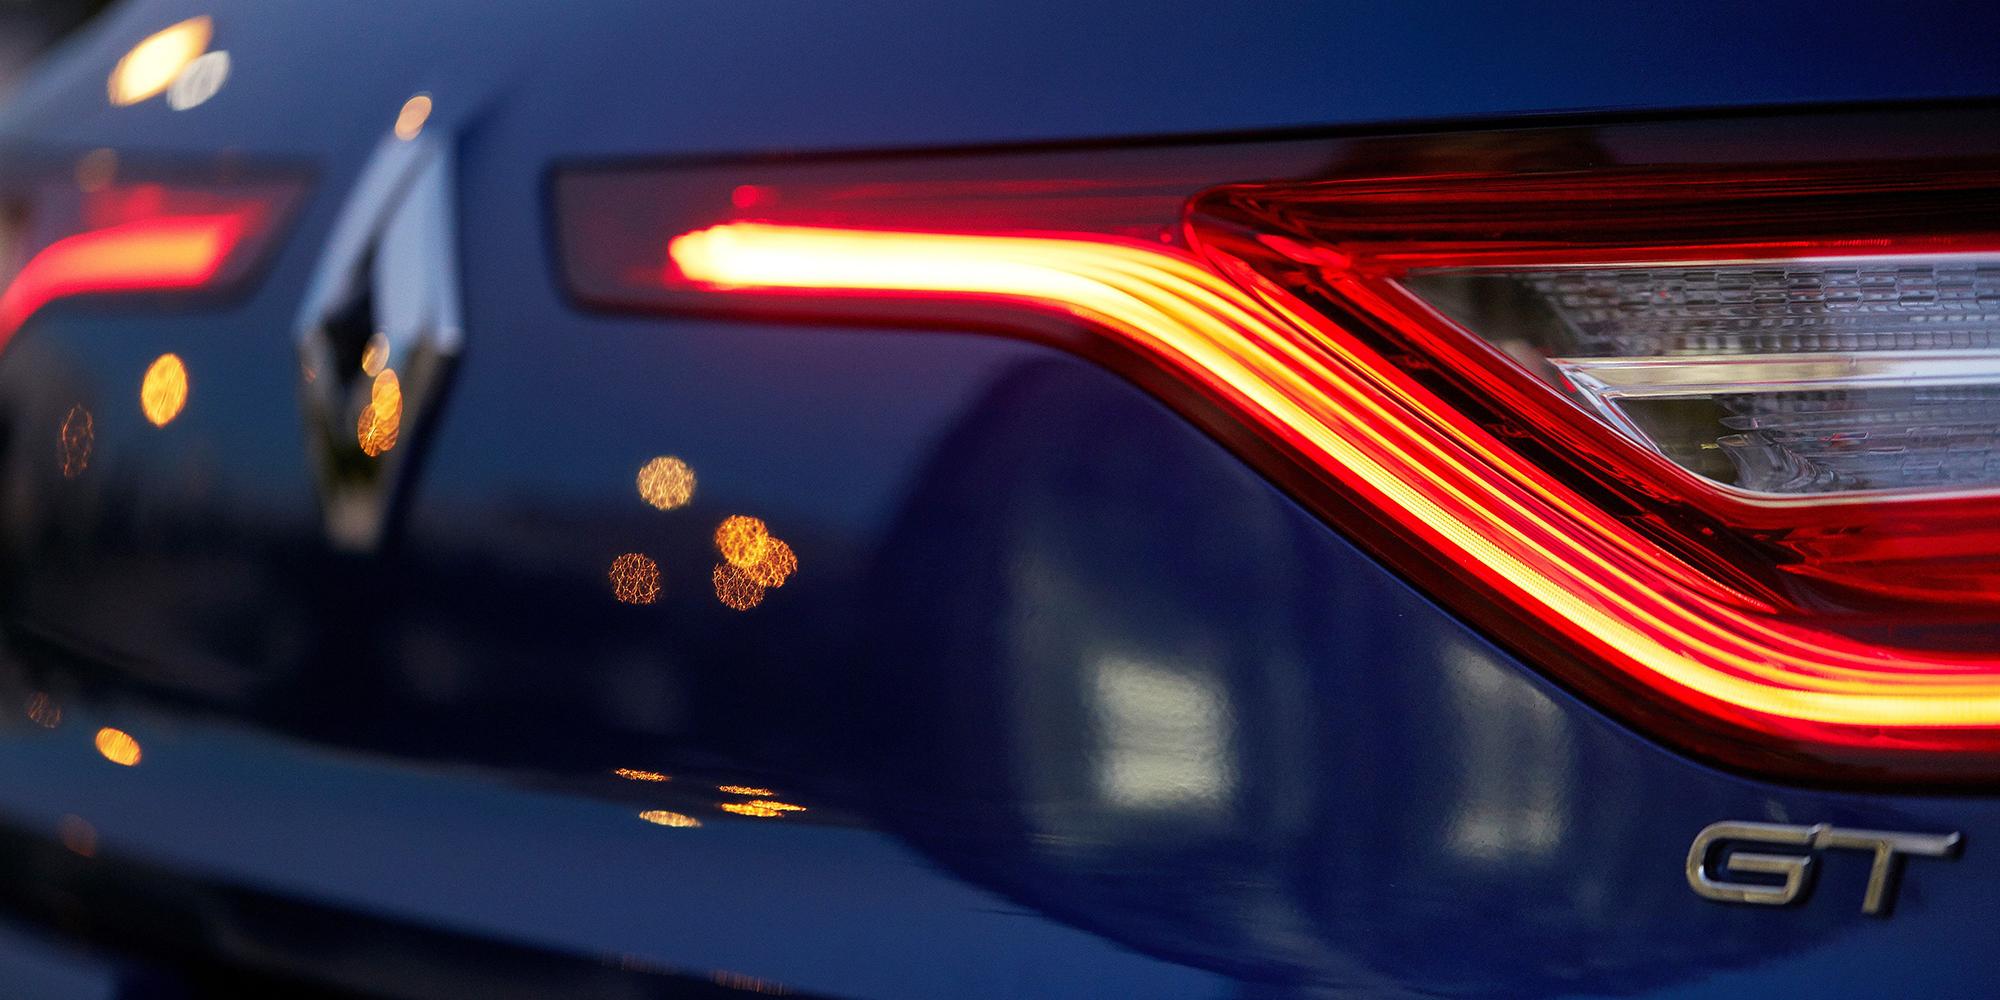 Neuer Renault Mégane stellt sich kritischen Autotestern